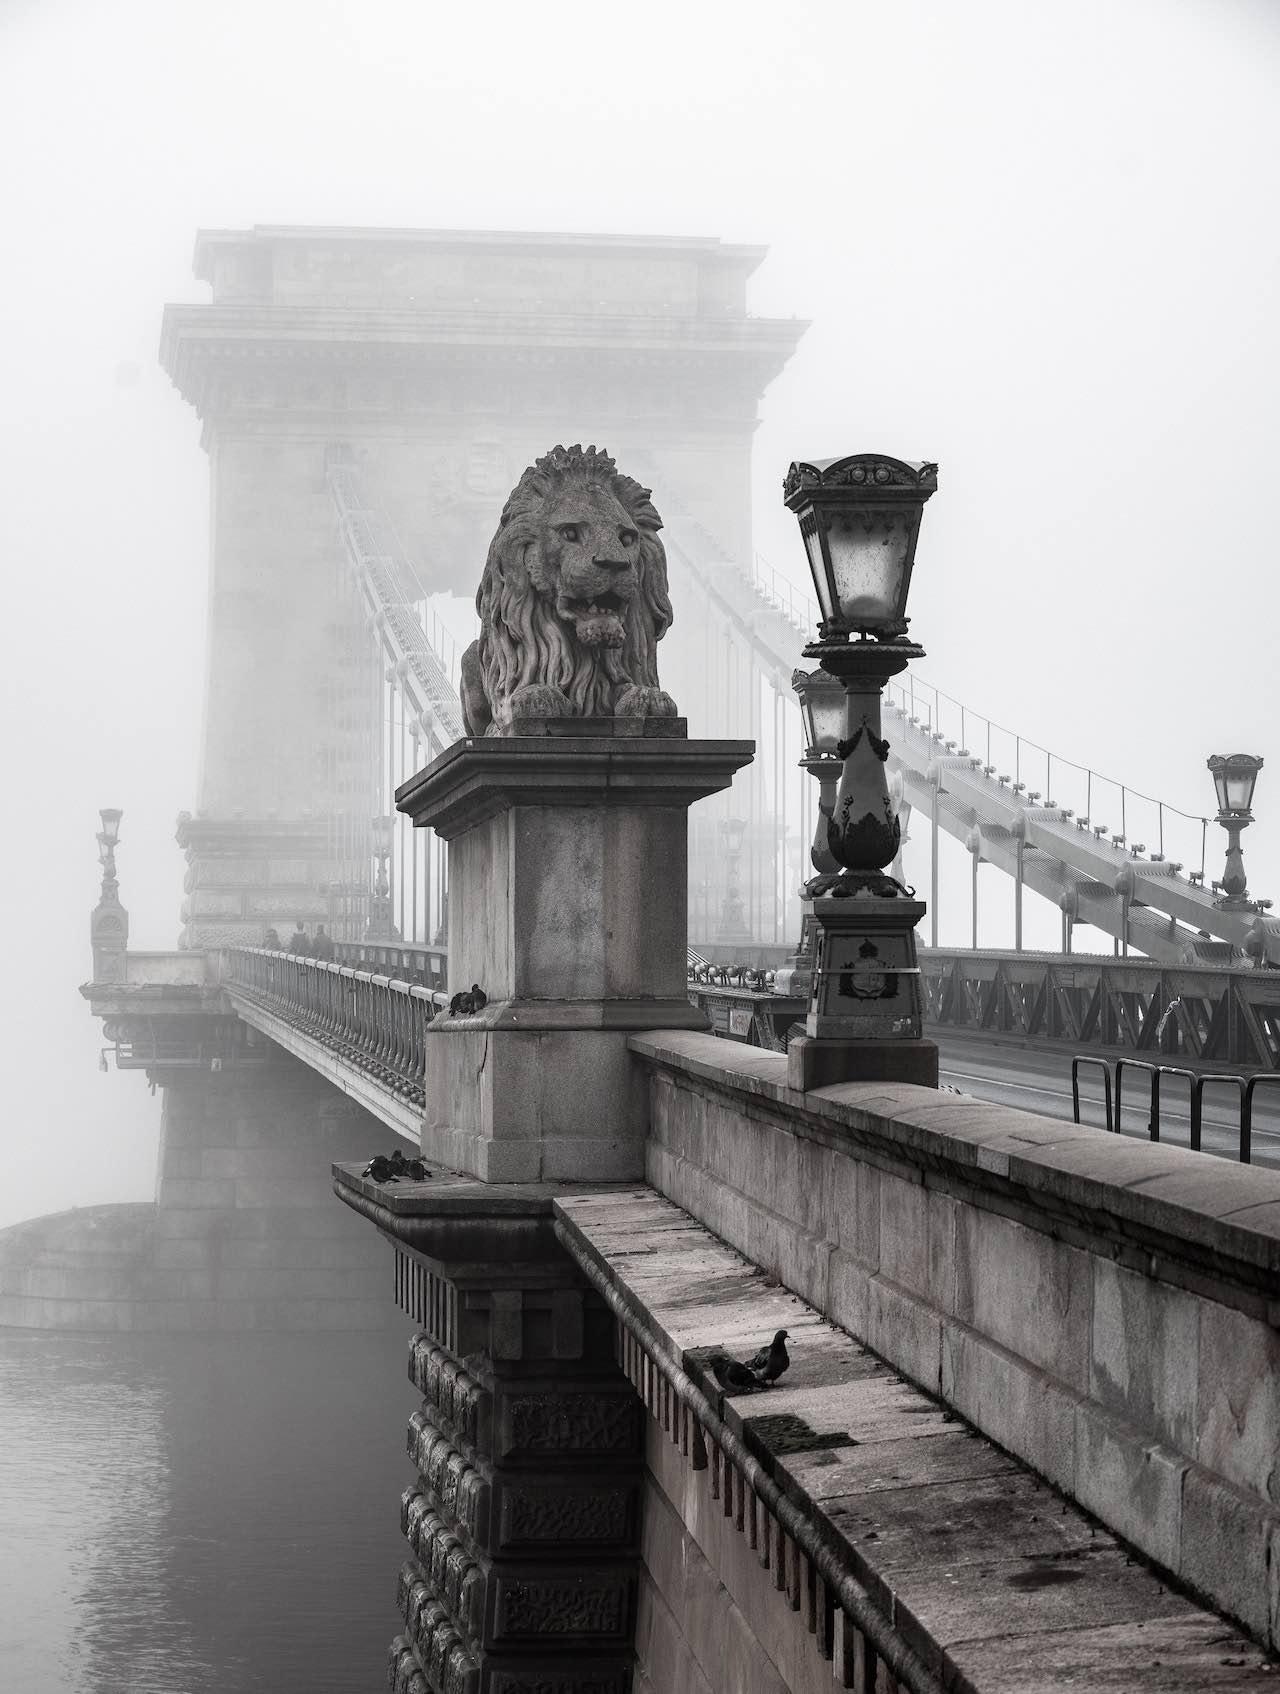 Széchenyi Chain Bridge | Photo: Daniel Olah